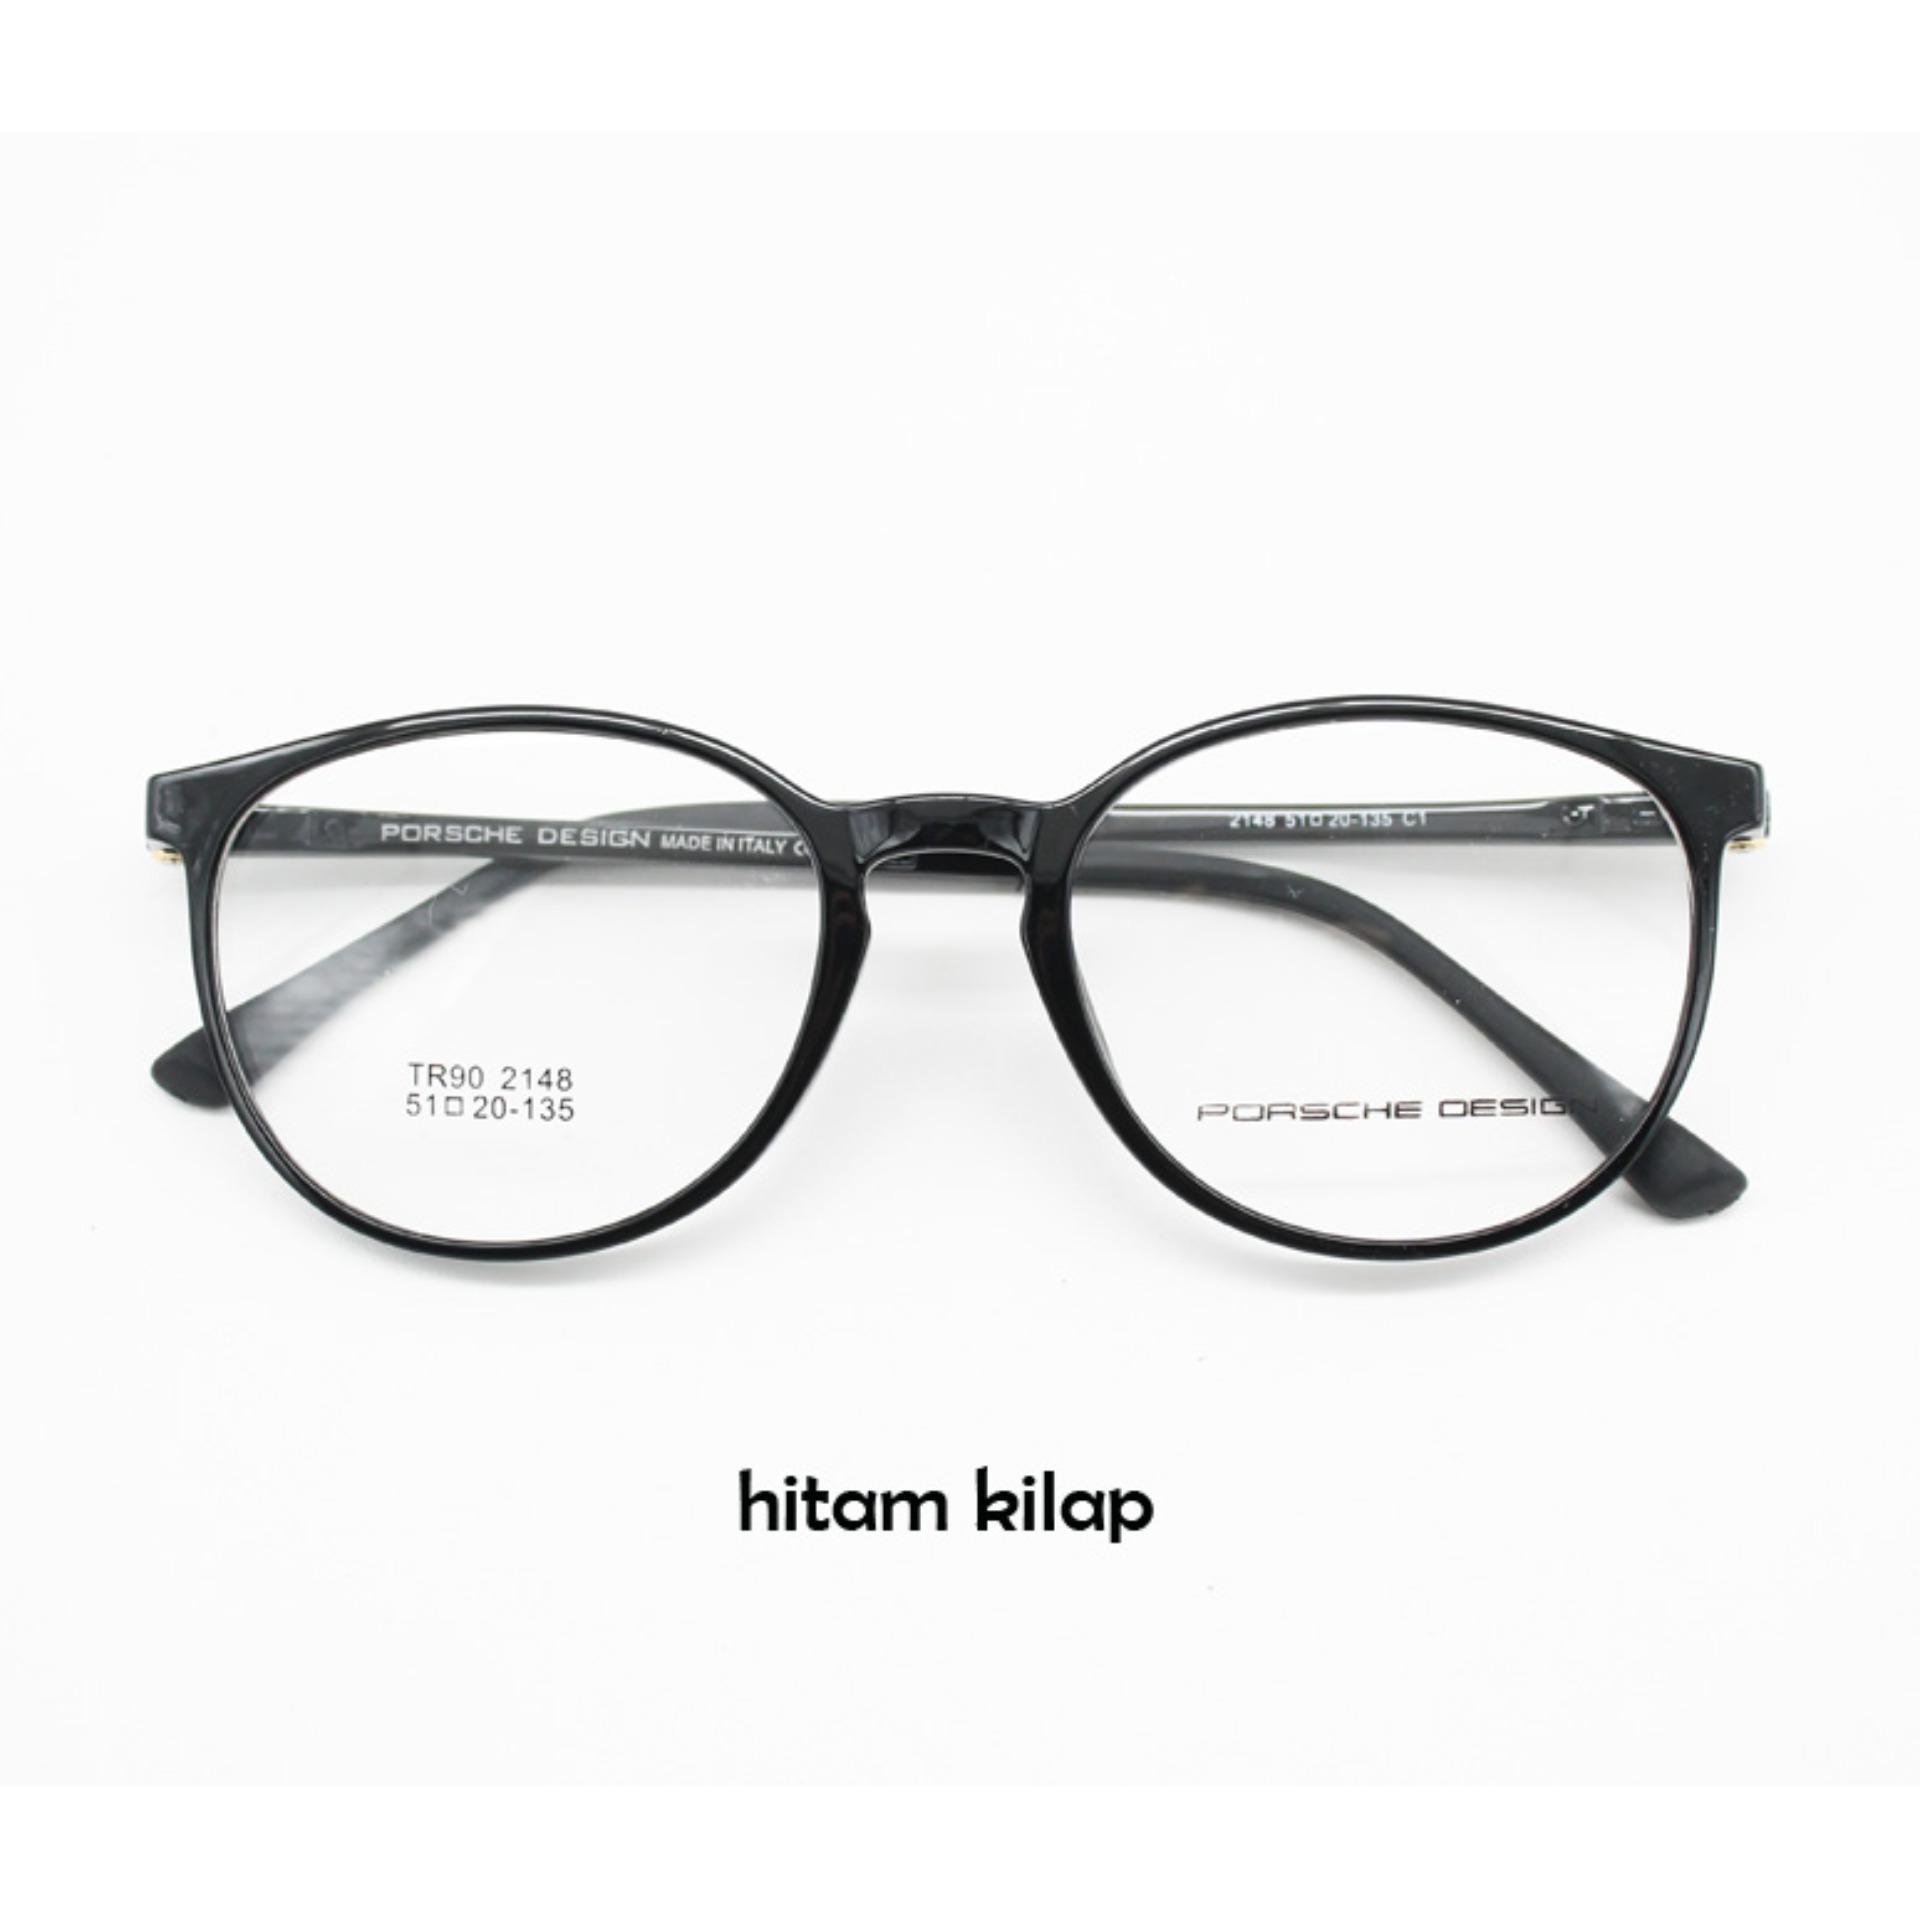 Inilah Harga Kacamata Minus Anti Radiasi Terbaru 2018 Murah Frame Kotak Terlaris Fashion 2148 Bulat Bisa Ganti Lensa Sendiri